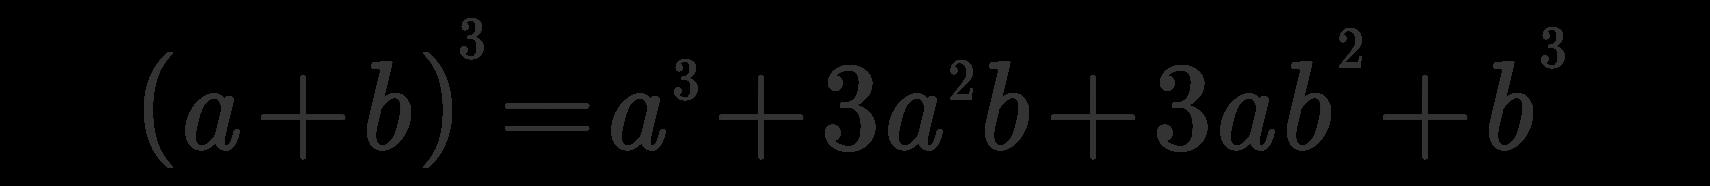 Cubo di un binomio 1